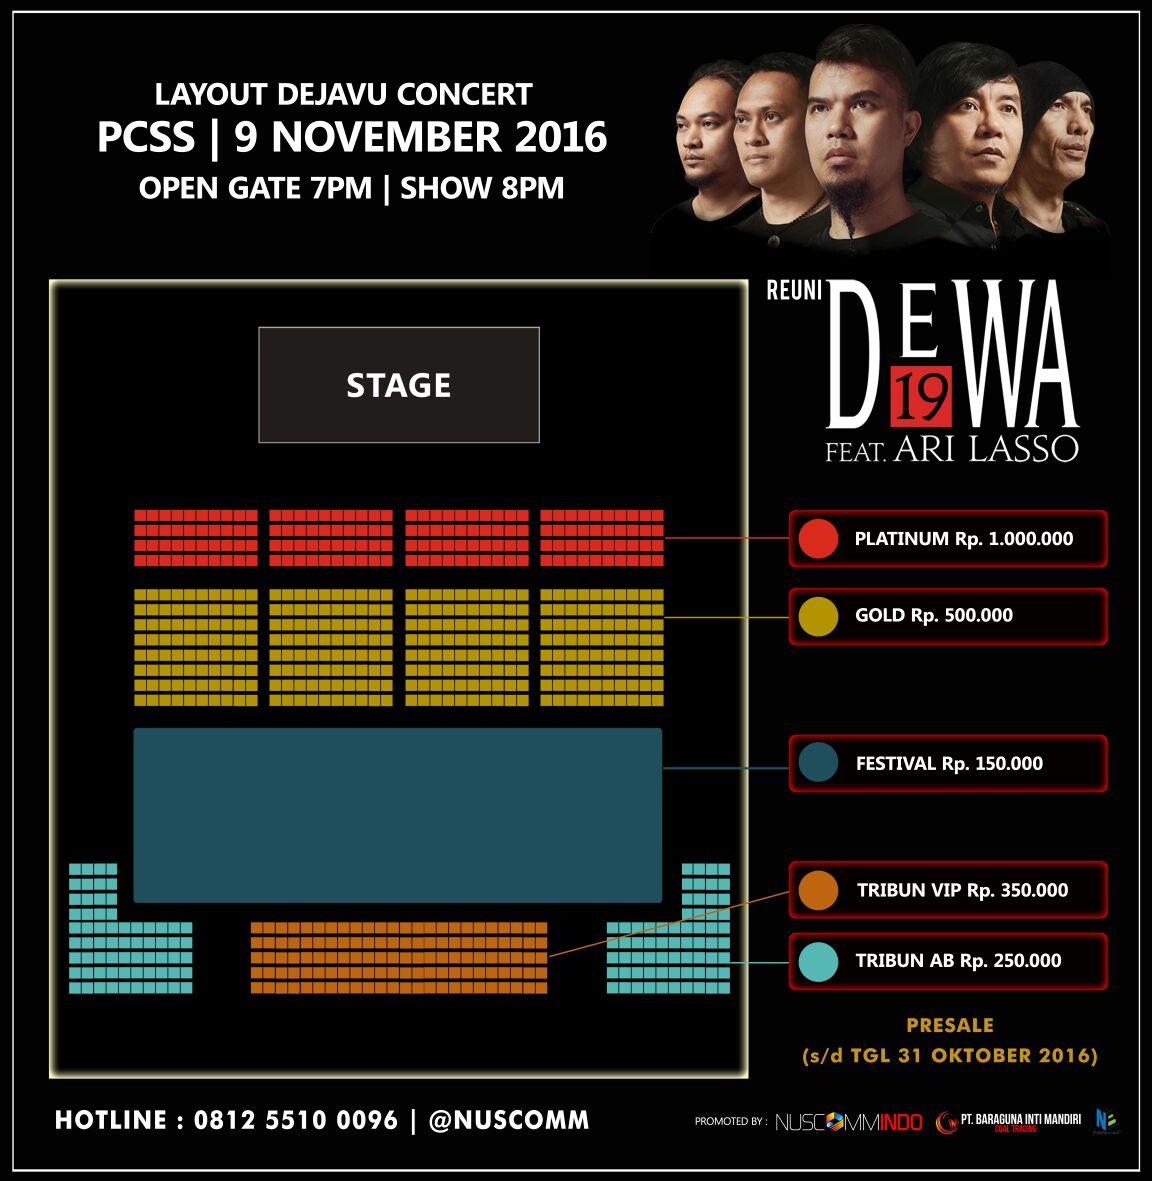 DEWA 19 - Konser De Javu 2